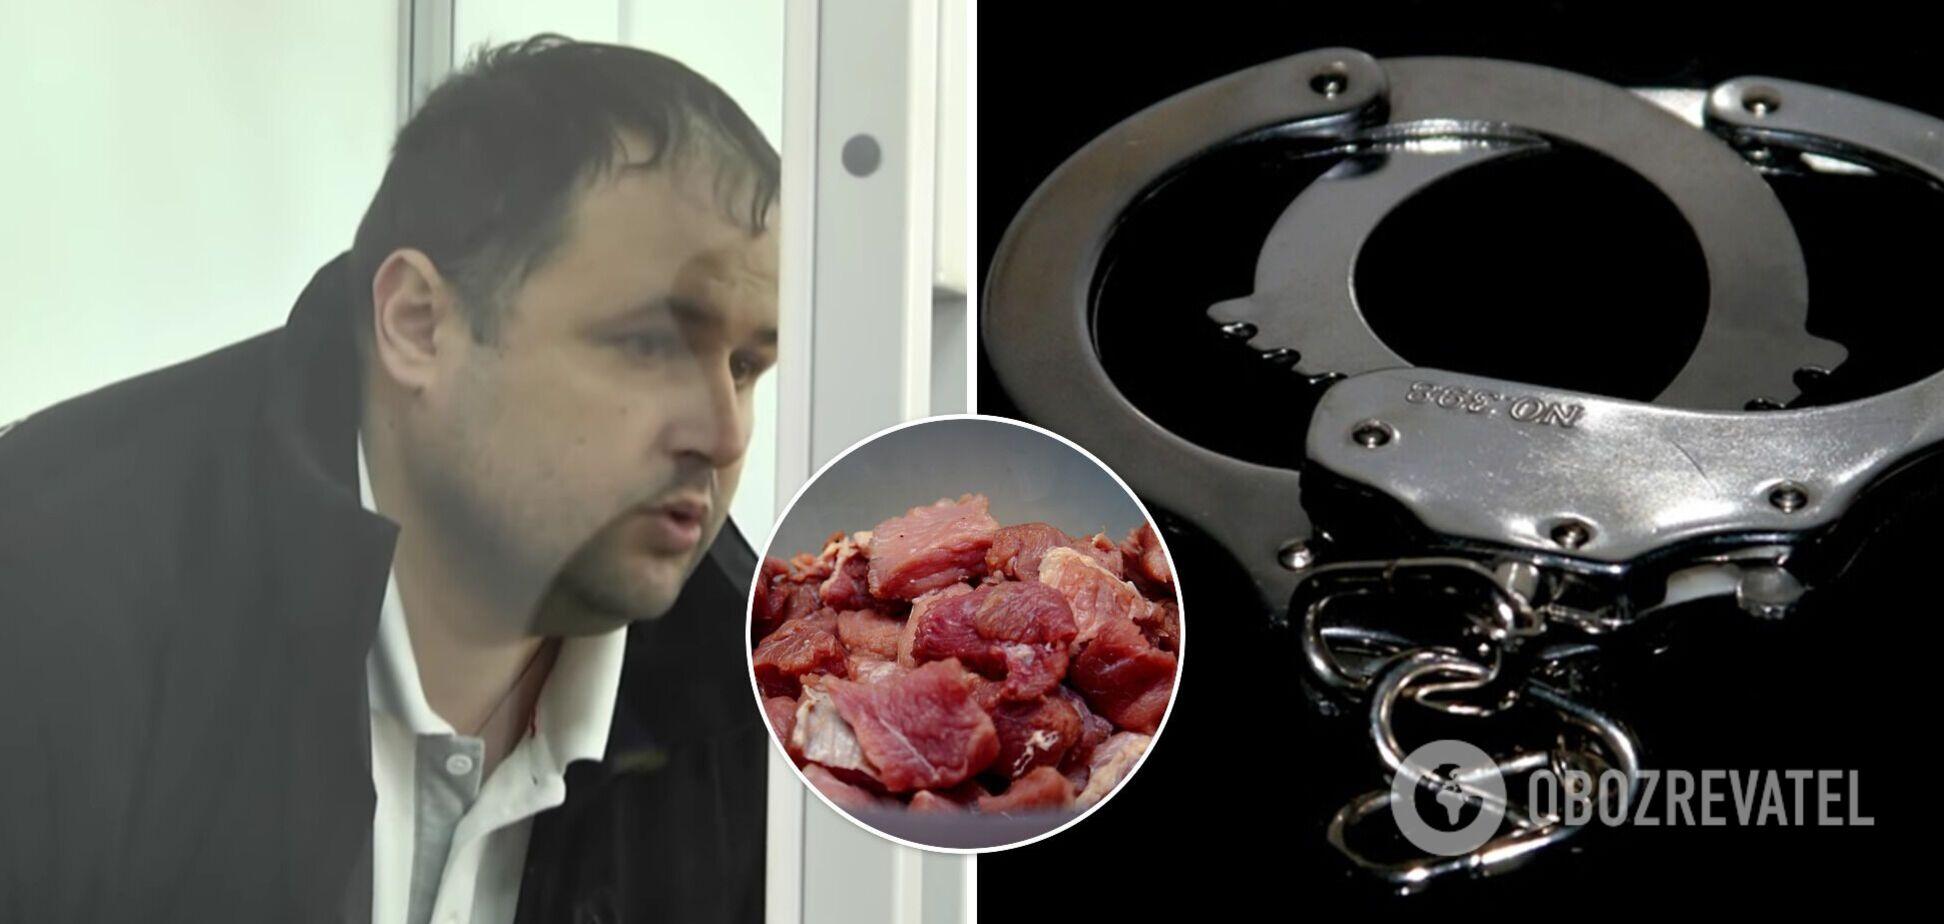 У Луцьку чоловік украв м'ясо в супермаркеті, прокурор вимагає для нього 5 років в'язниці. Відео